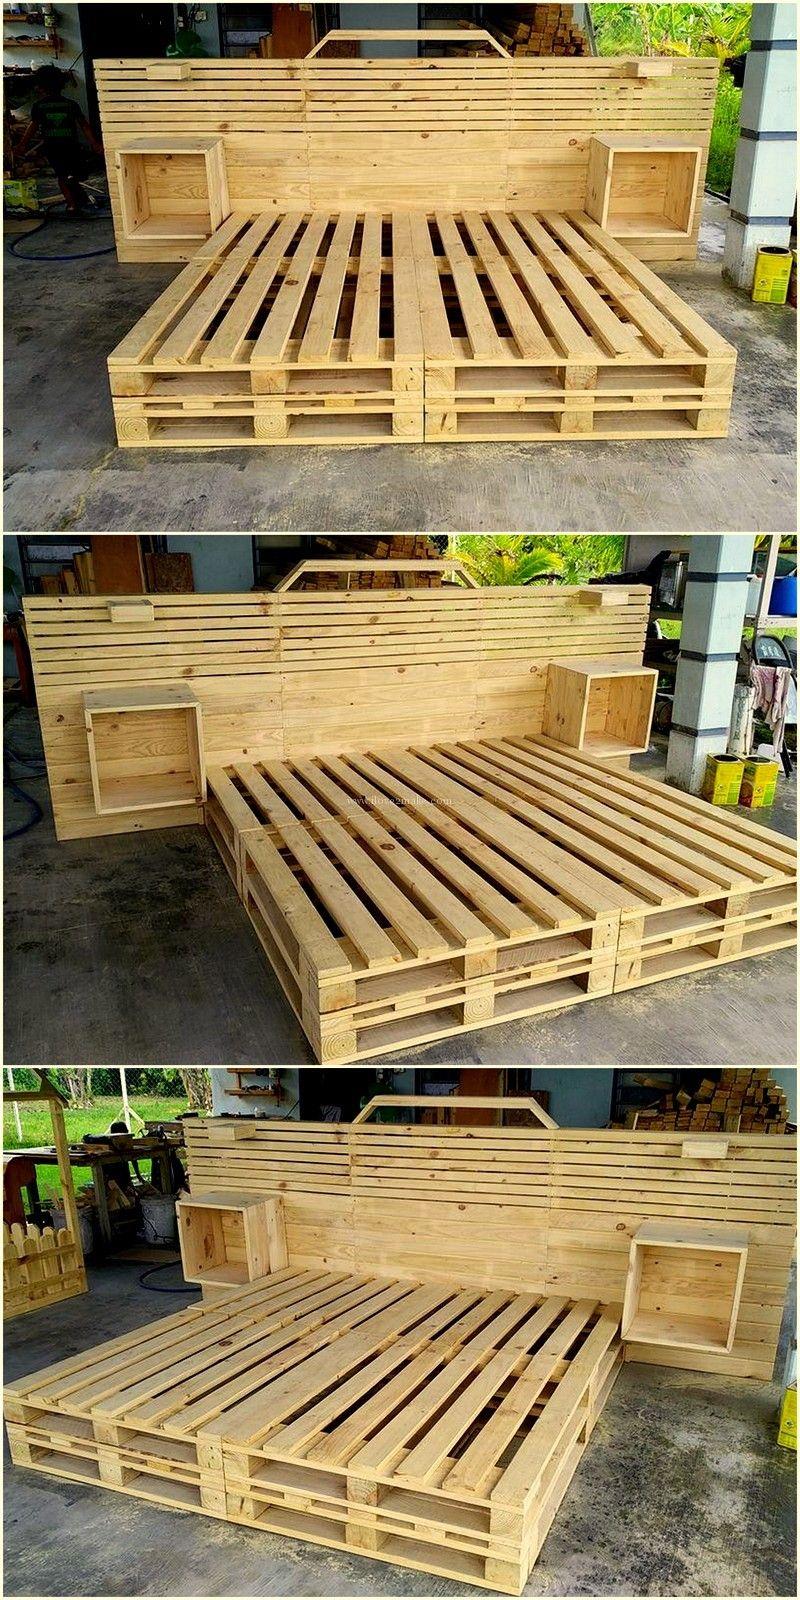 5 einfache schritte um ein diy bett mit palettenholz zu verursachen trend. Black Bedroom Furniture Sets. Home Design Ideas